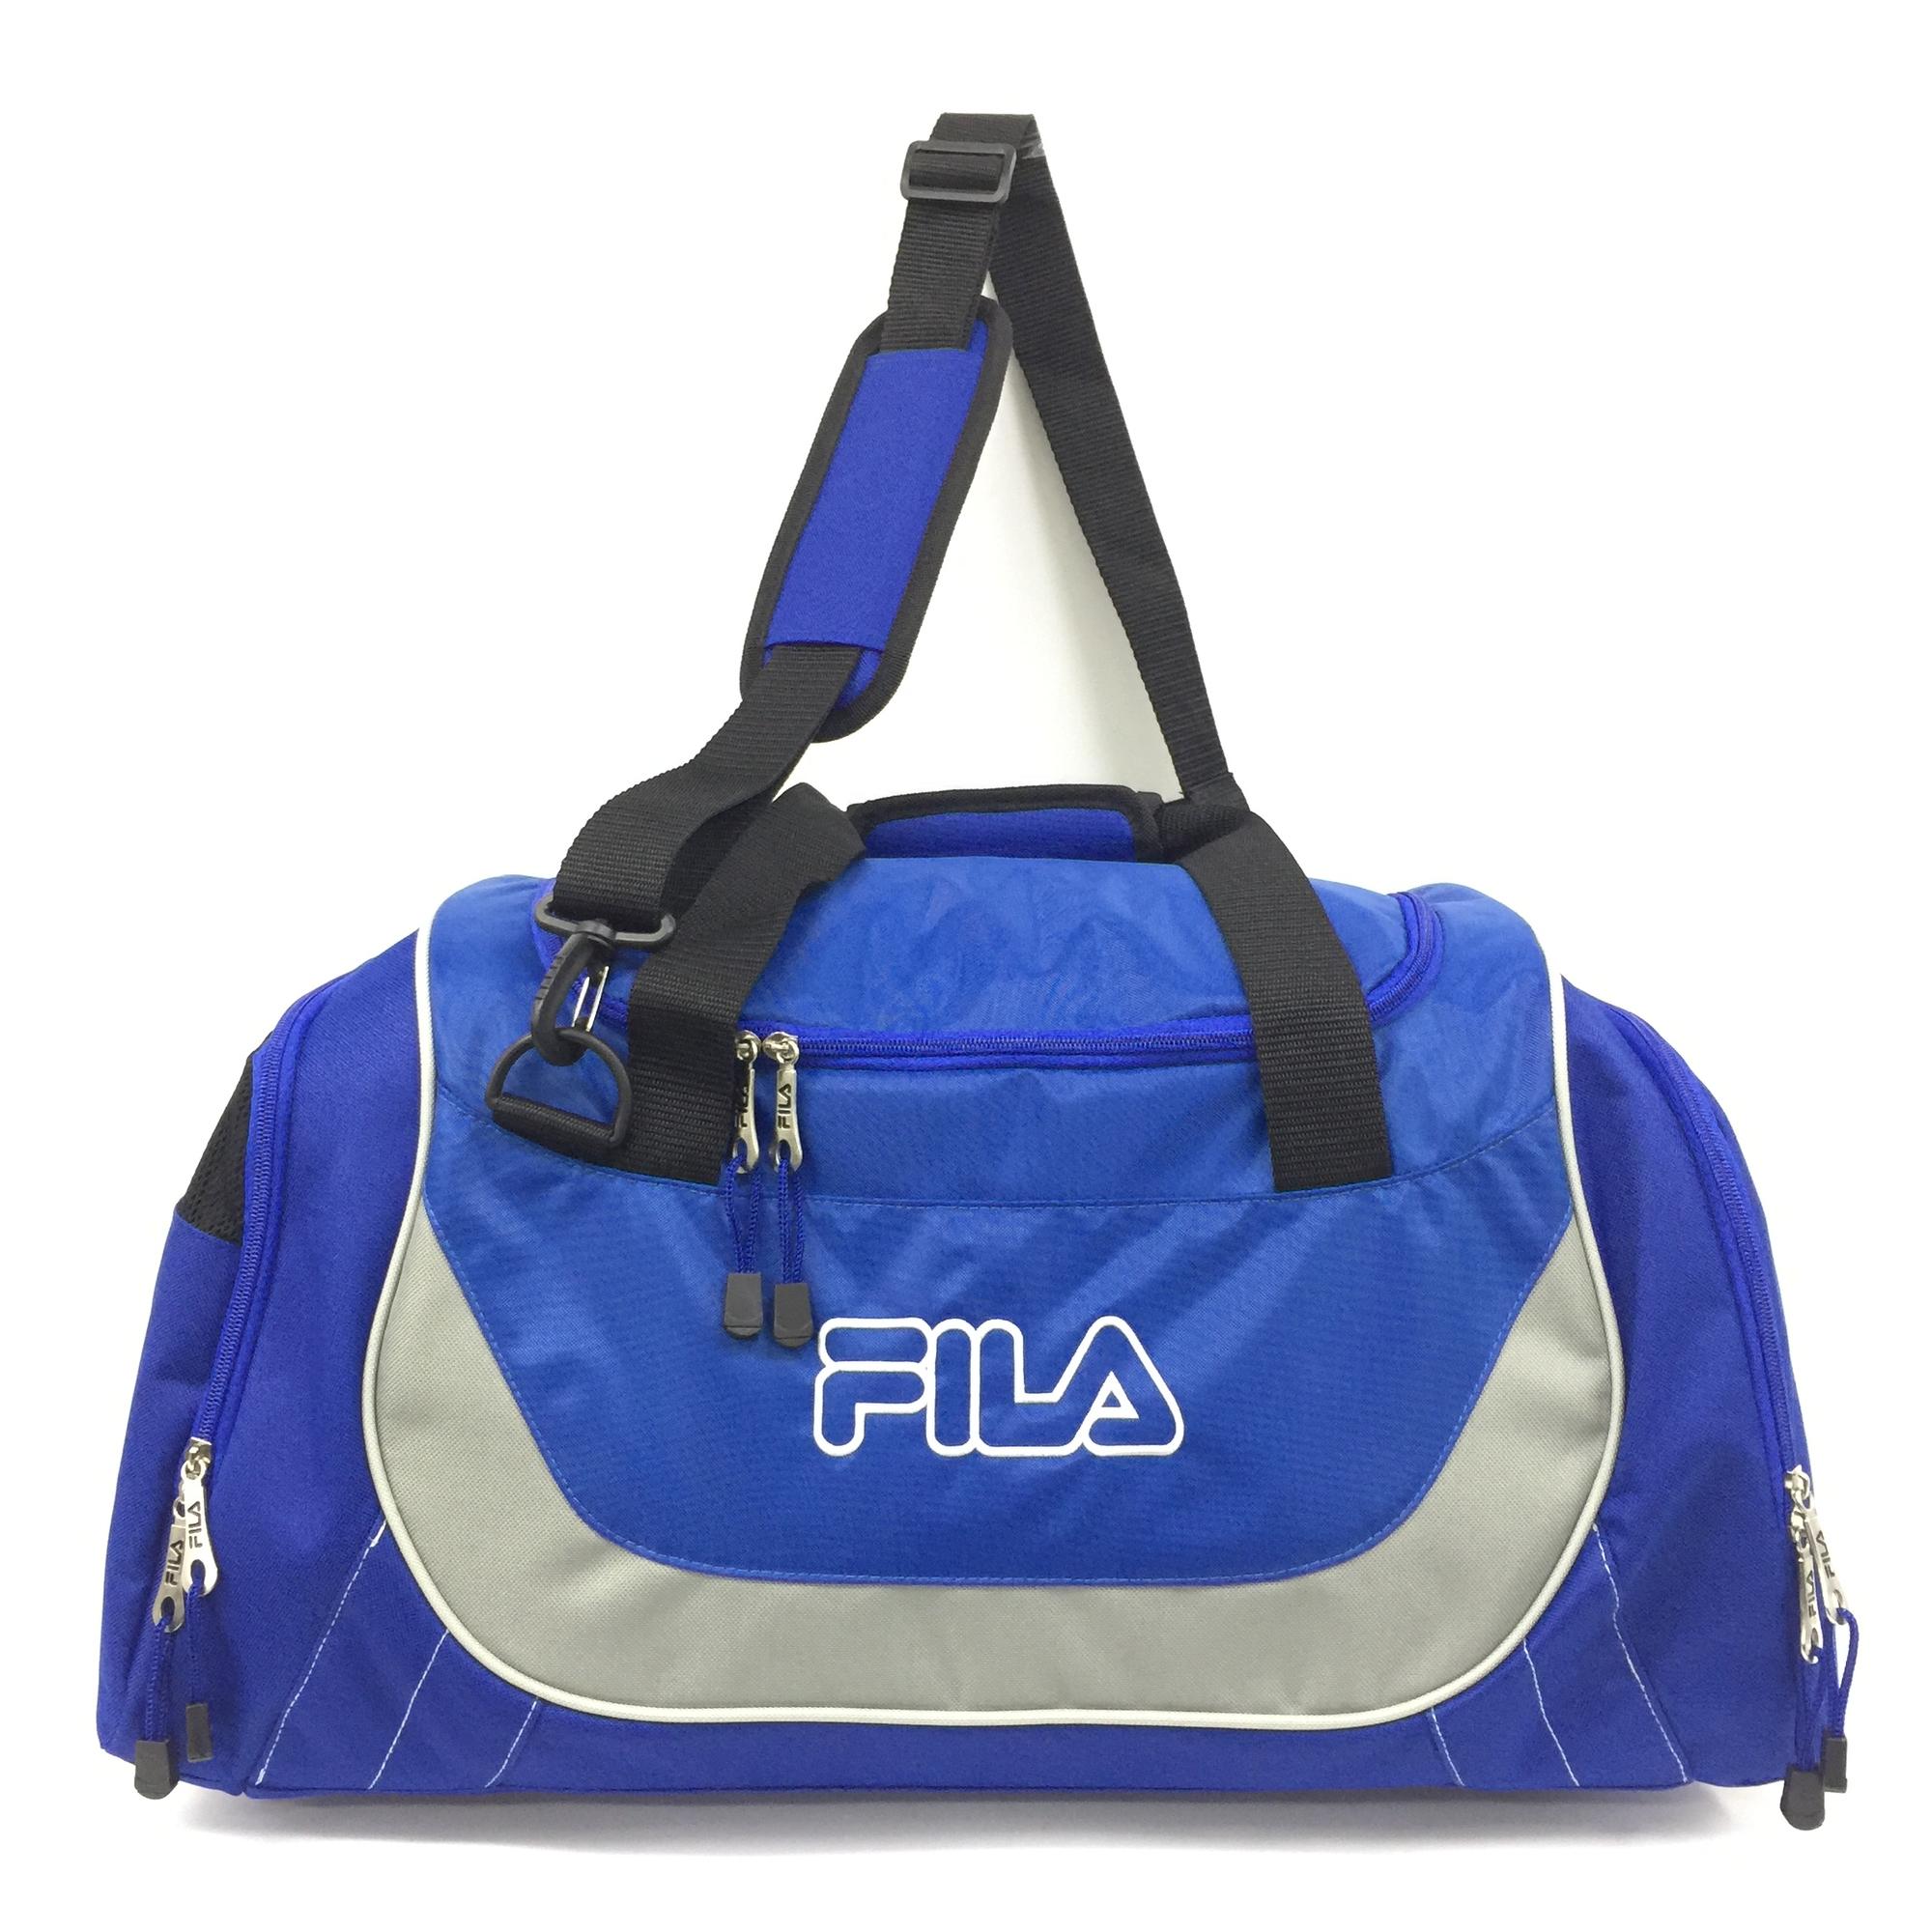 Fila Medium Travel bag 3d4919744c2d6